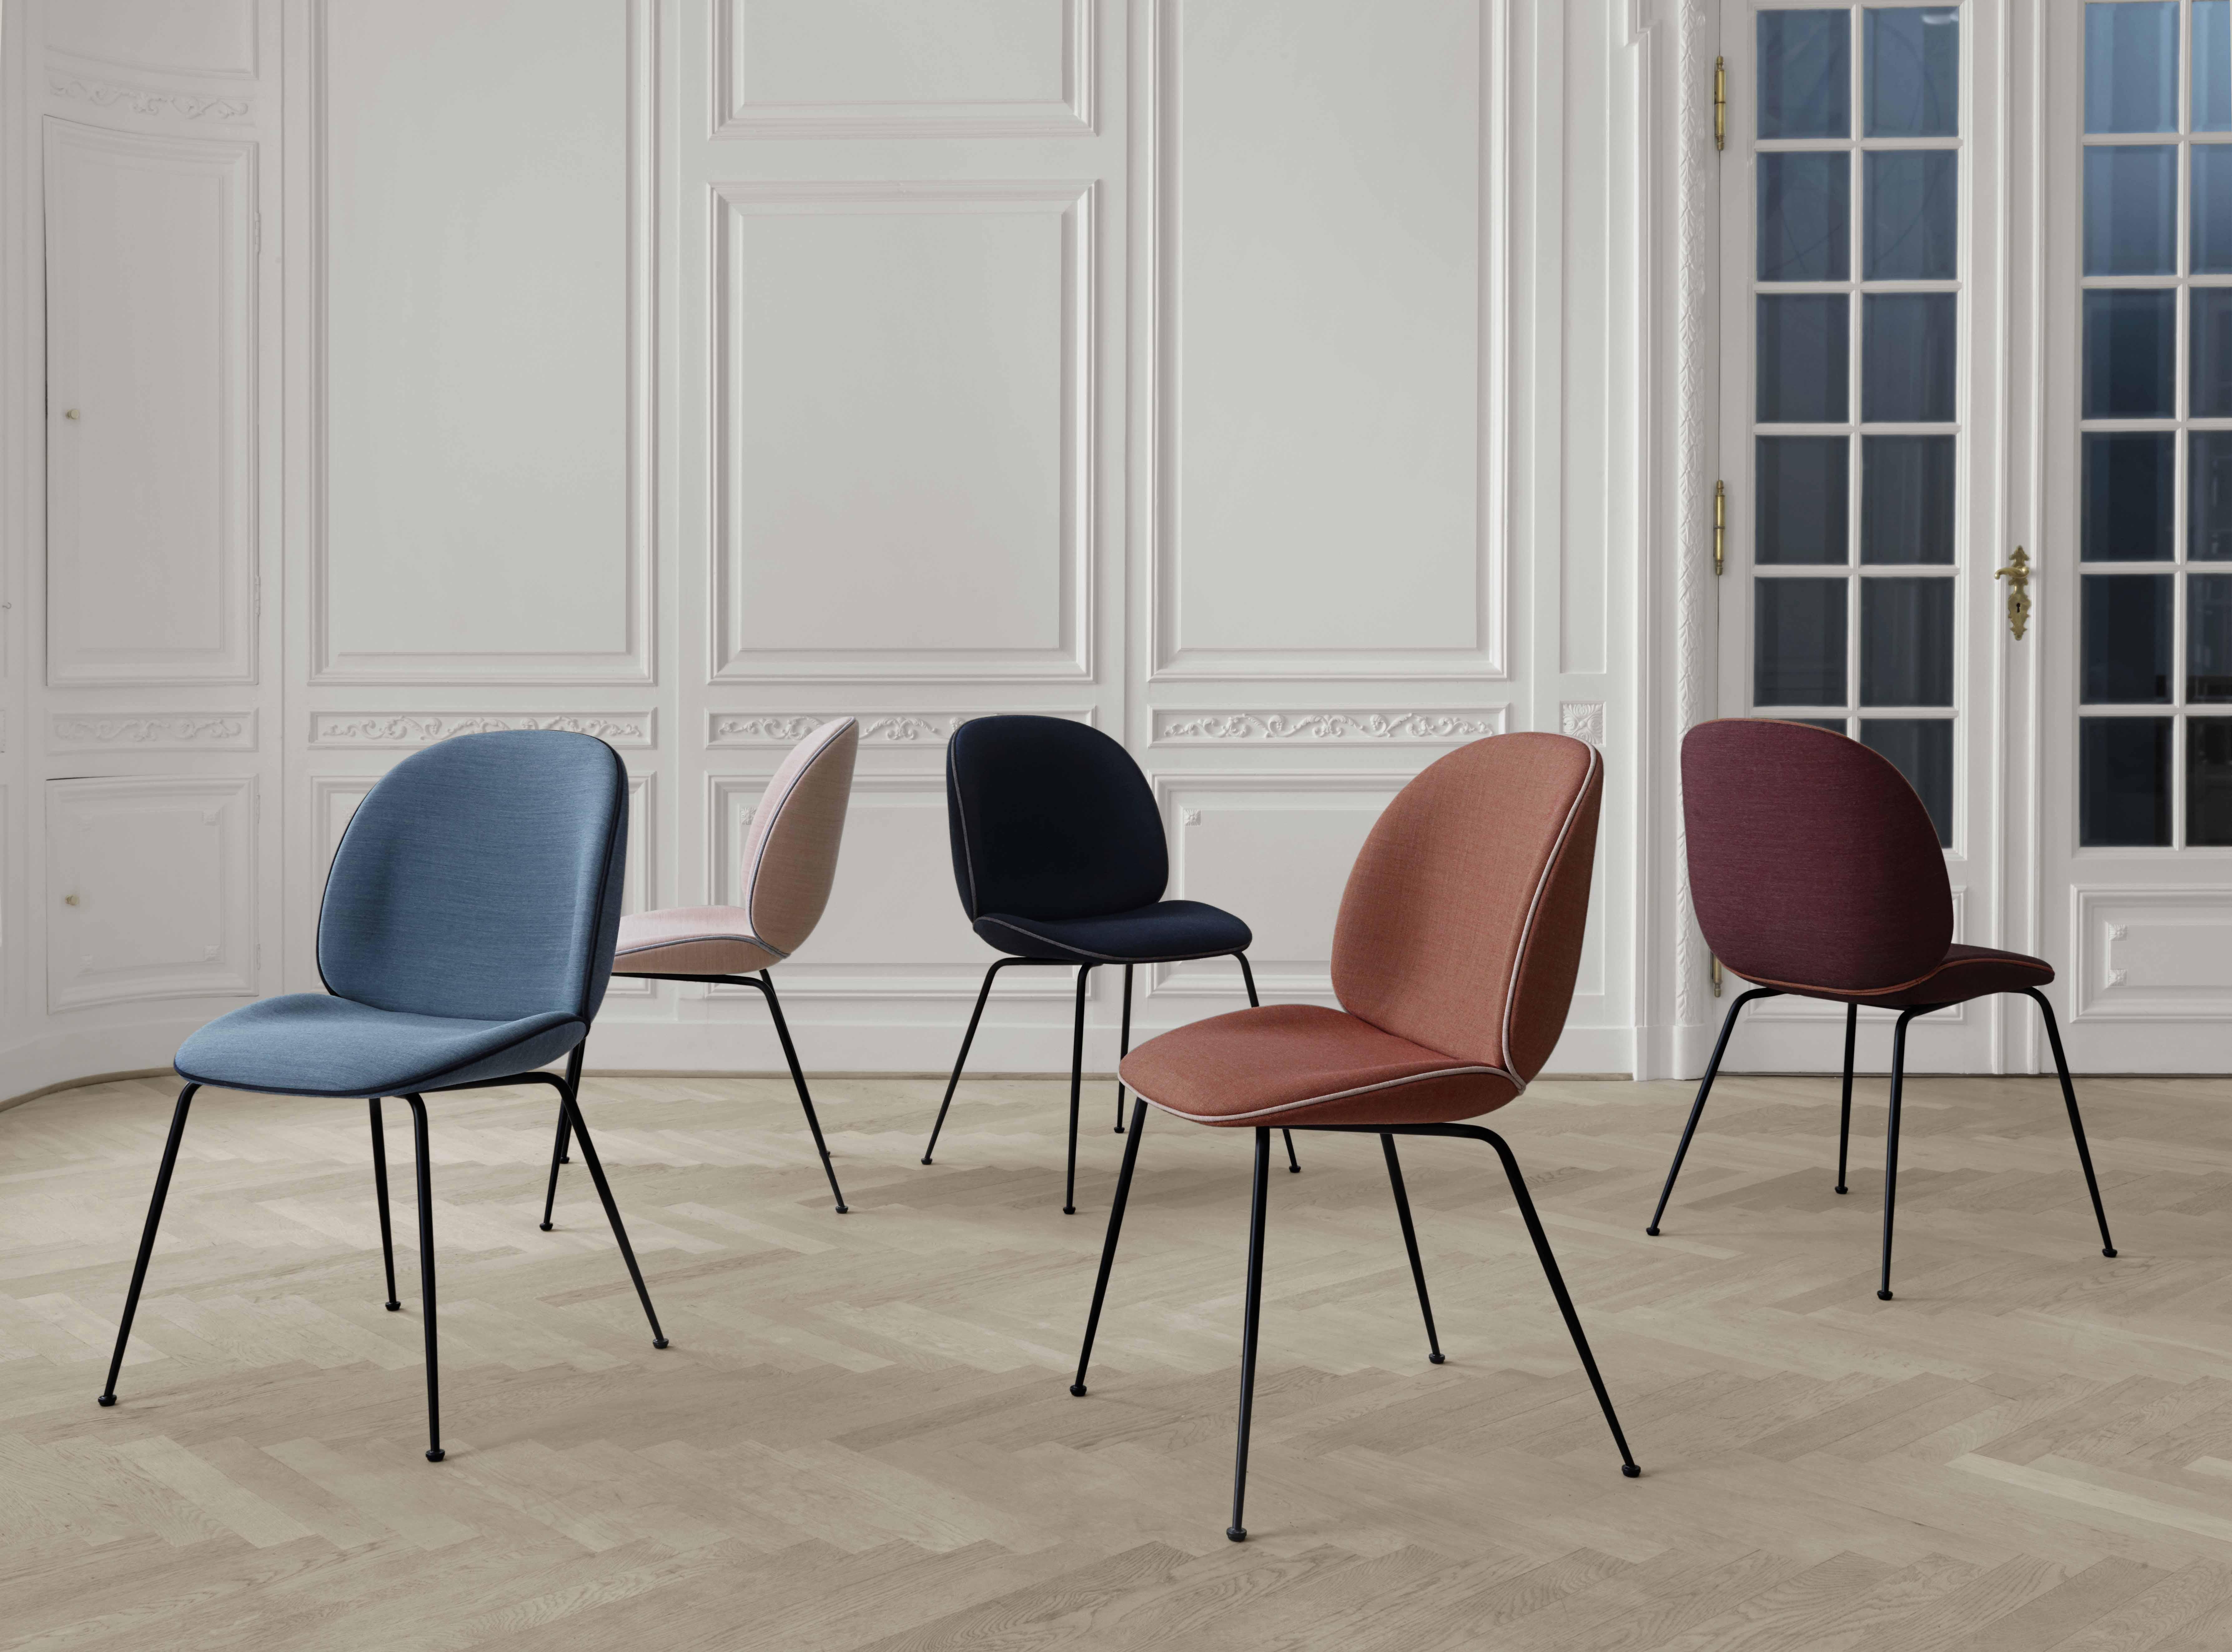 Speisezimmer Stuhl Gubi Interior Design Muenchen Eggers Einrichten